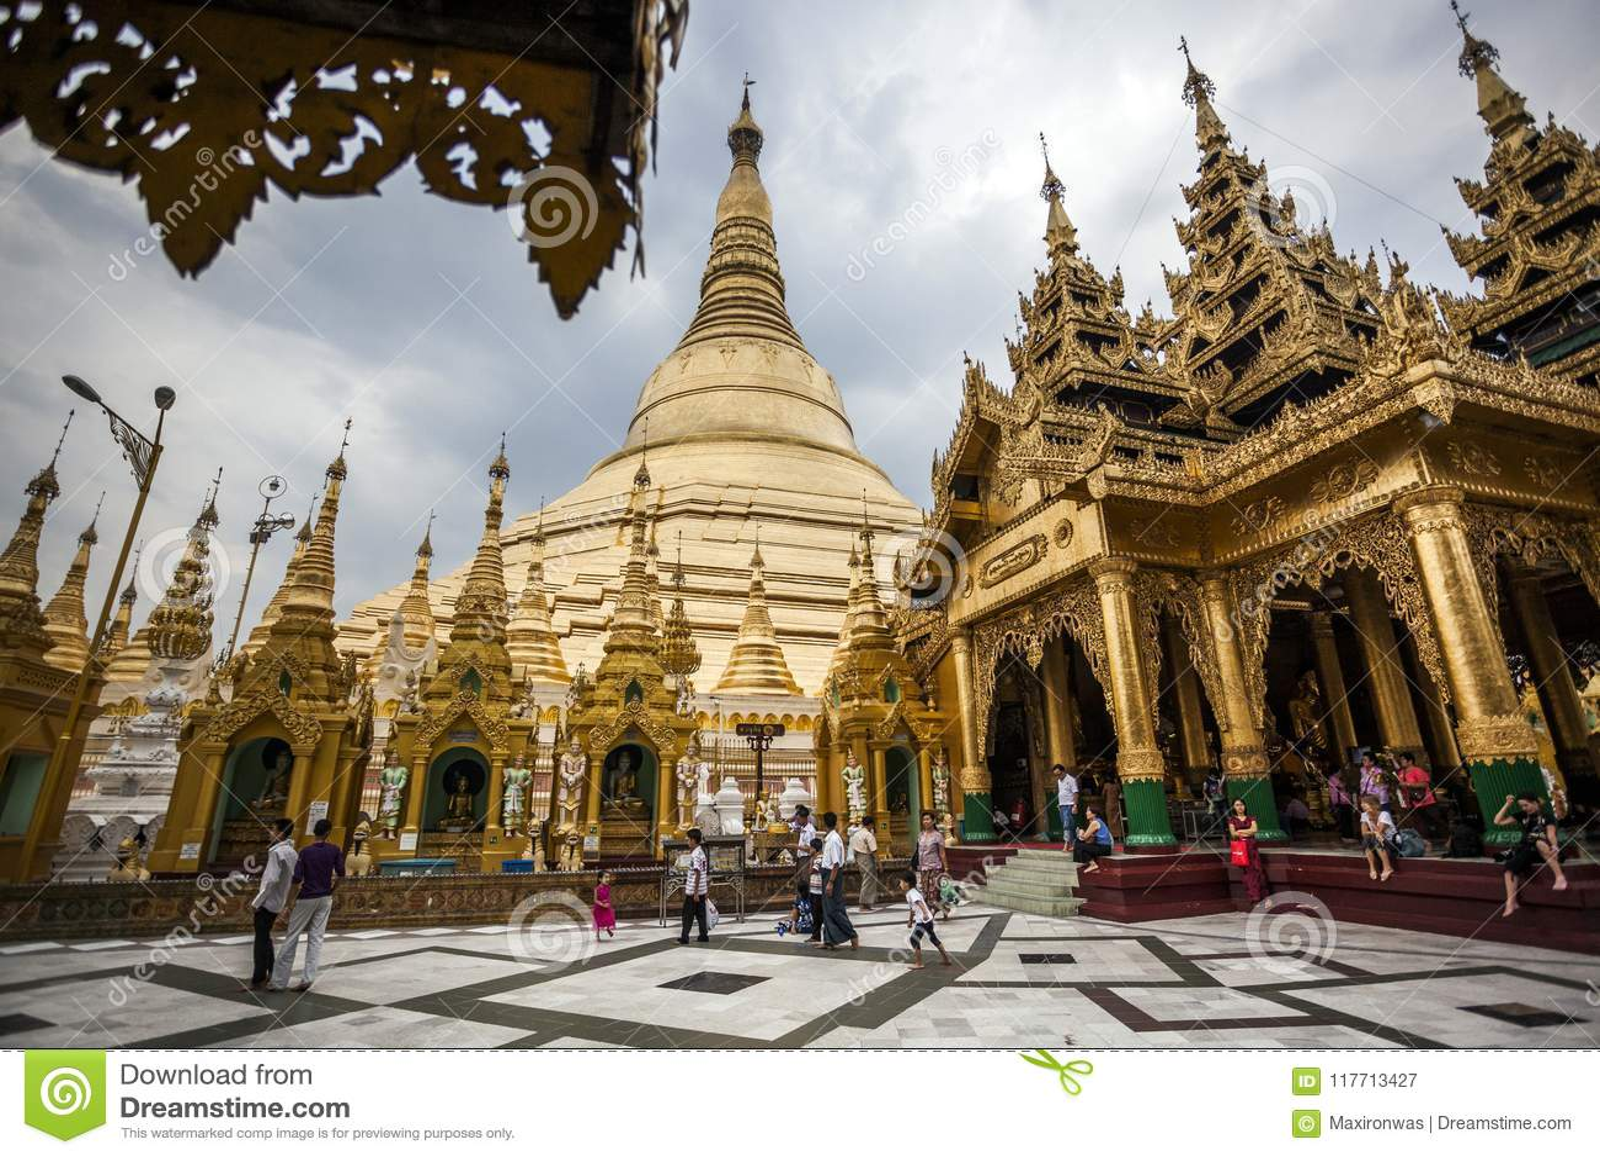 Myanmar - Yangon - o GRANDE PAGODE de SHWEDAGON